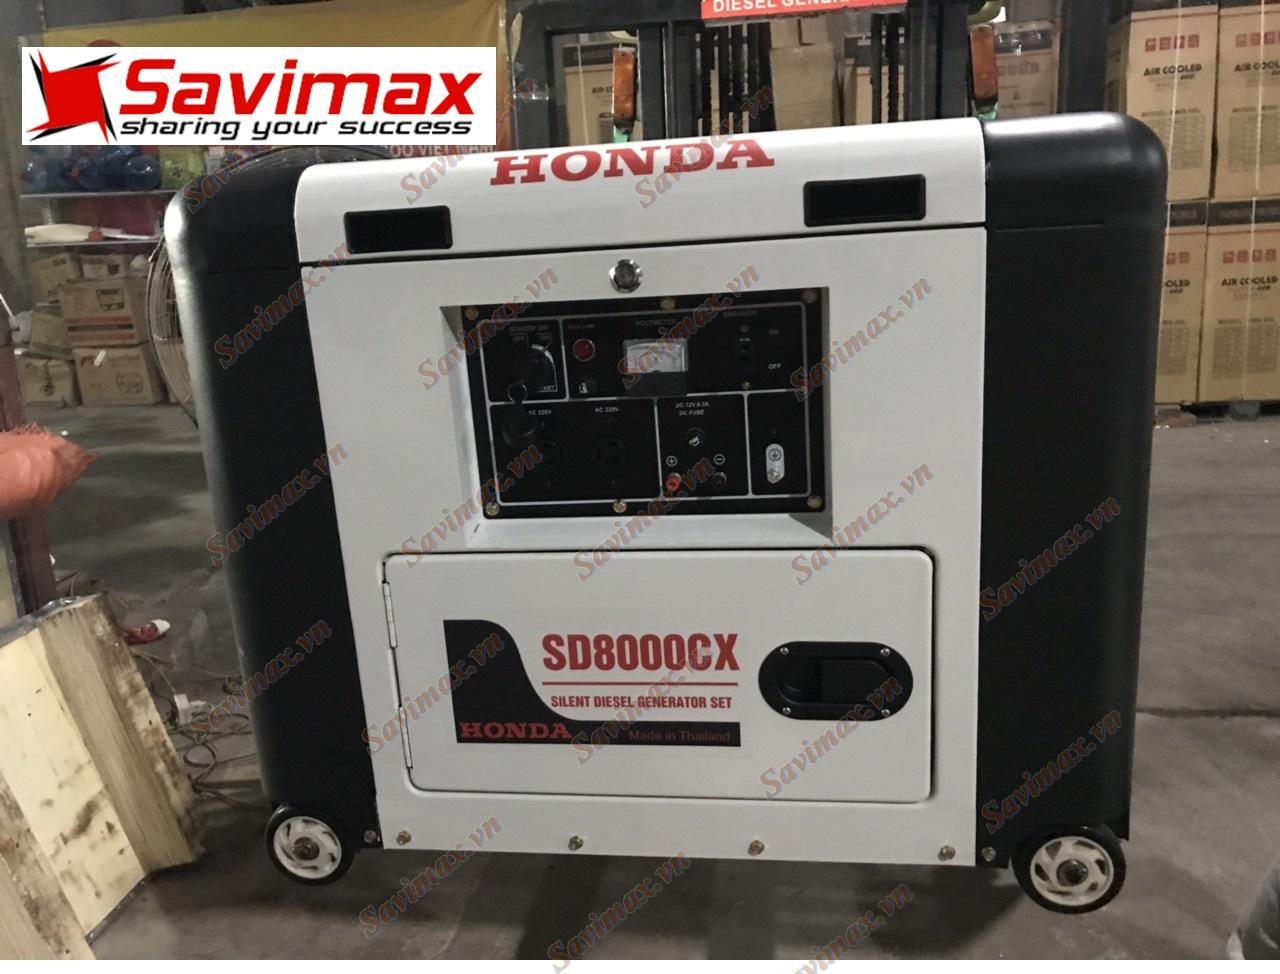 Máy phát điện Honda SD8000CX (5.5kw, chạy dầu, đề nổ, vỏ chống ồn)